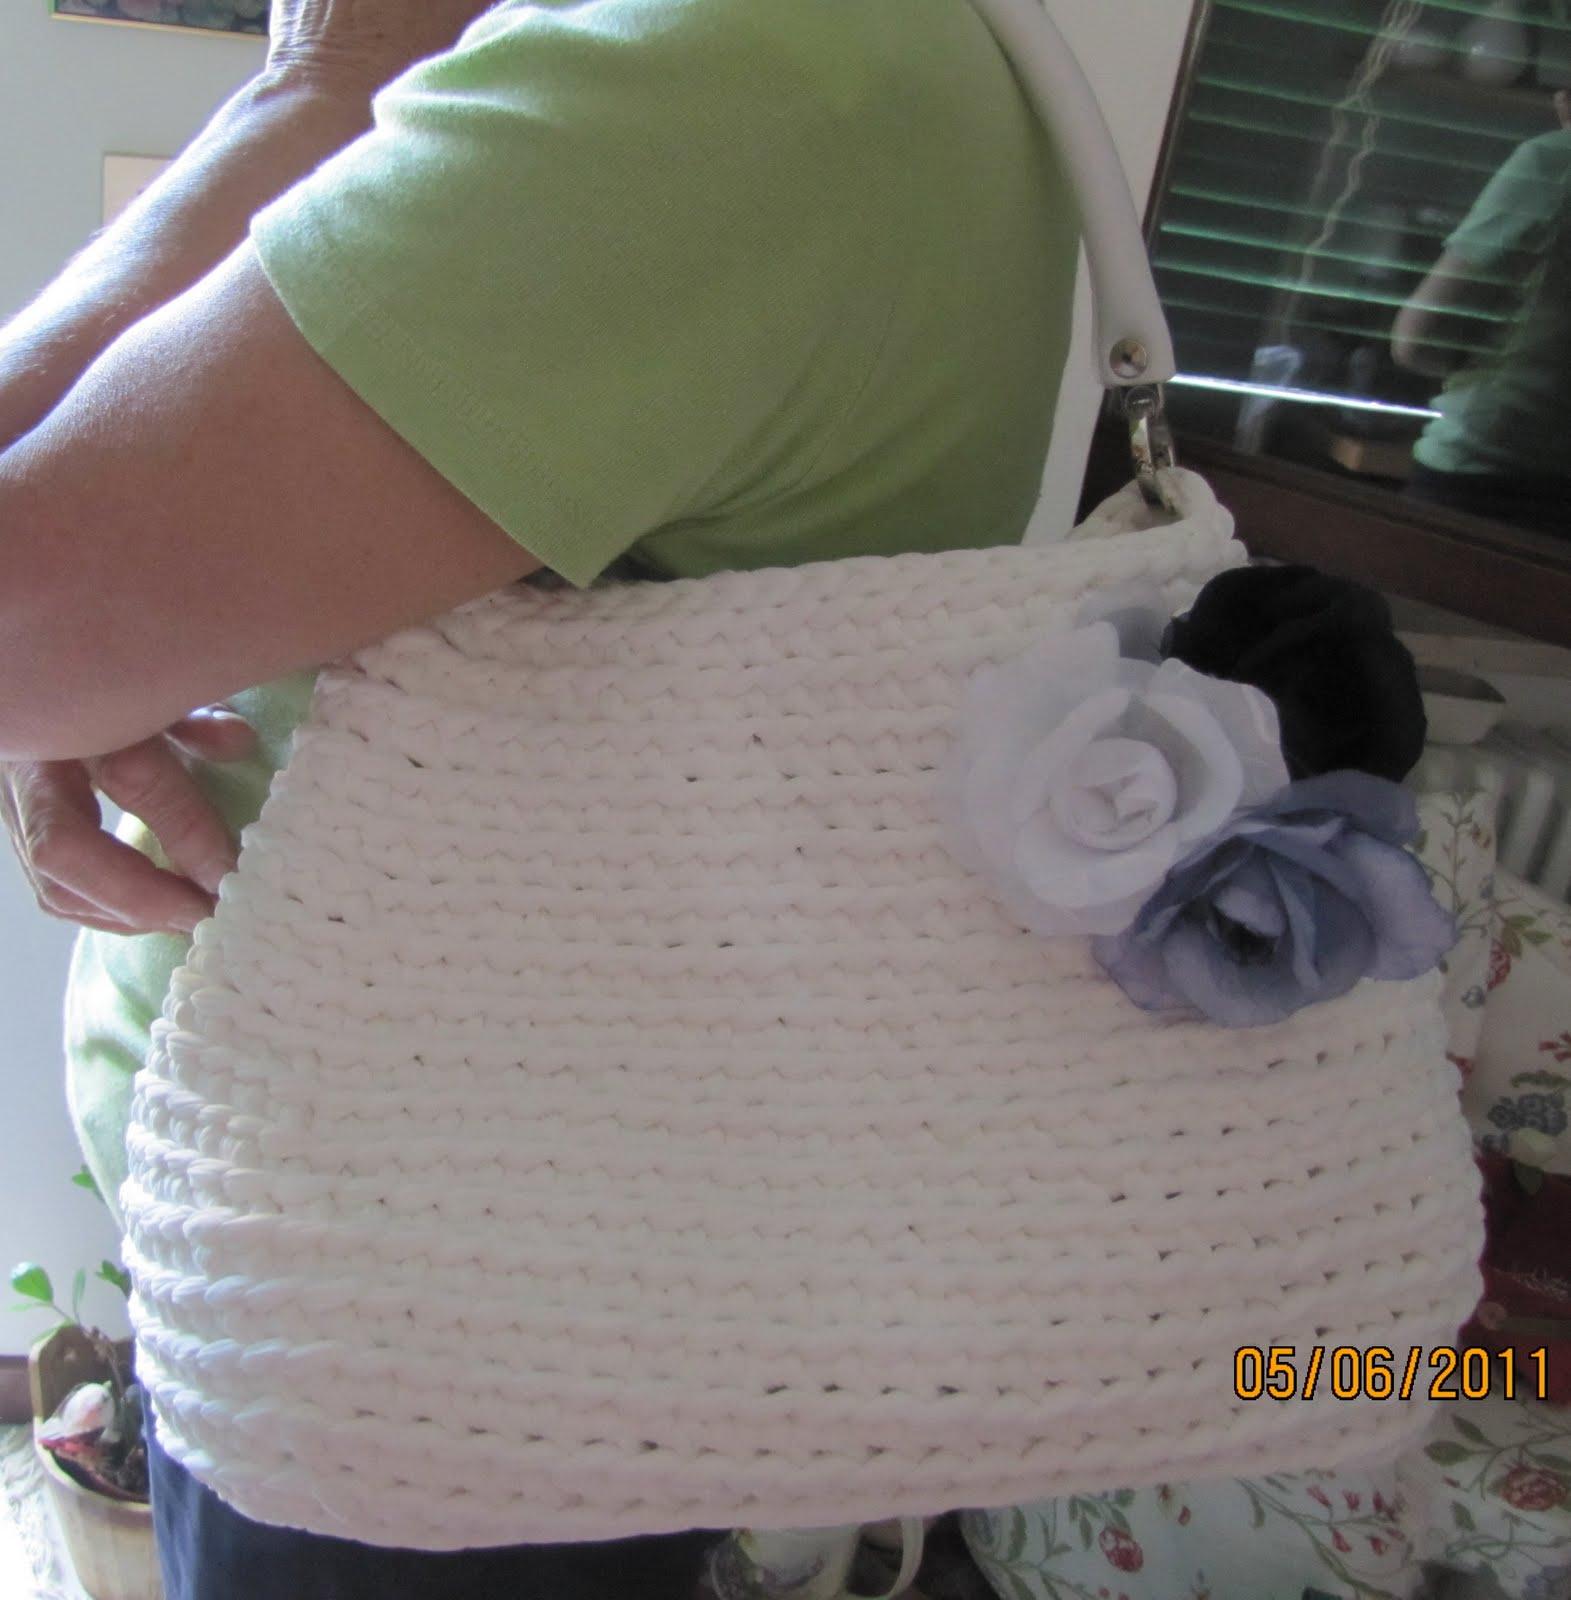 Borse Alluncinetto Con Cotone : Le borse di mara in fettuccia borsa moda artigianale